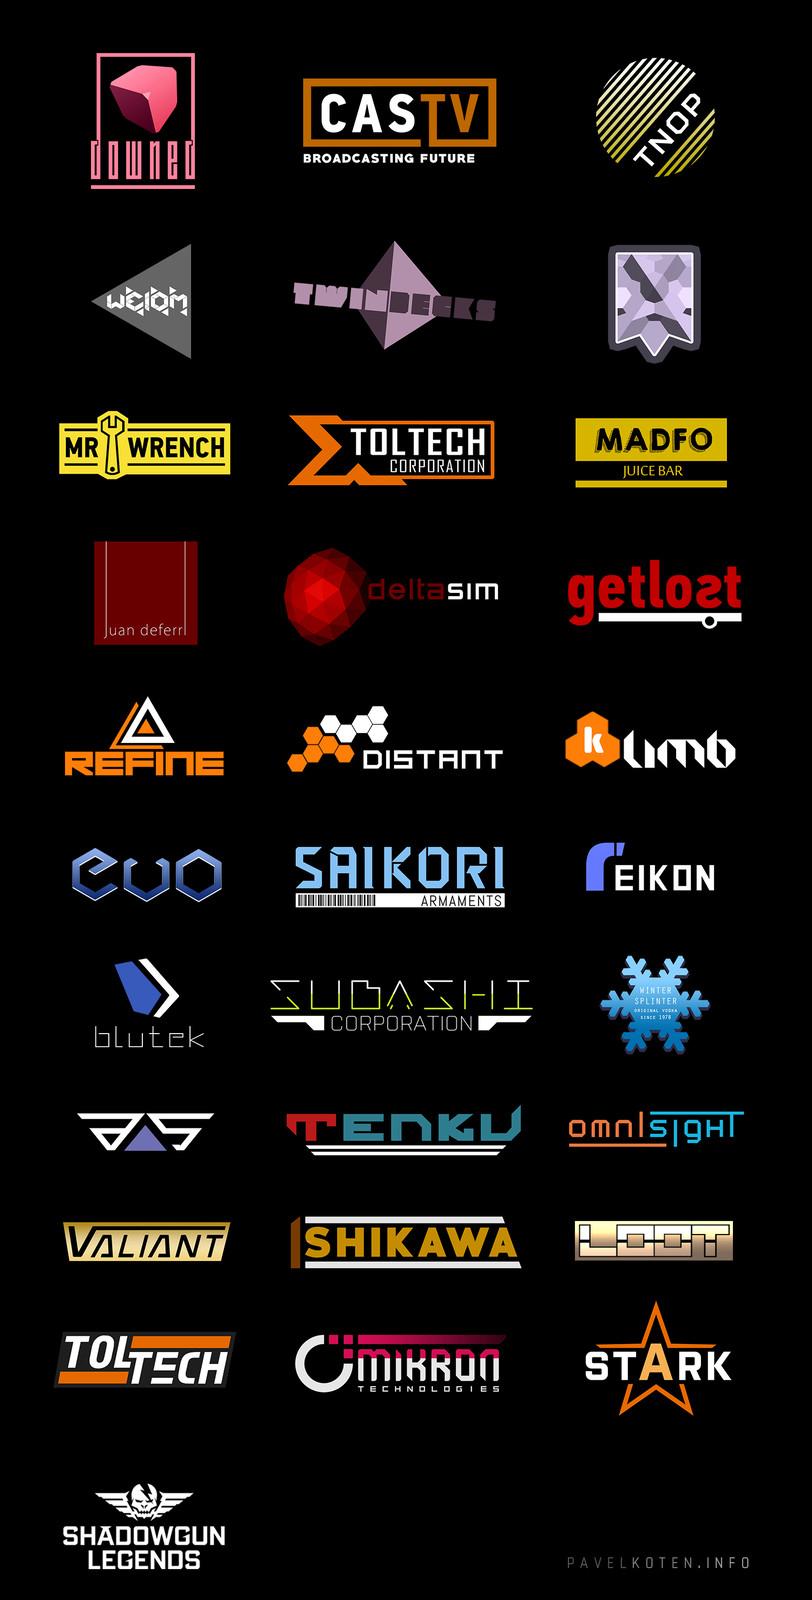 In-game logos & branding.